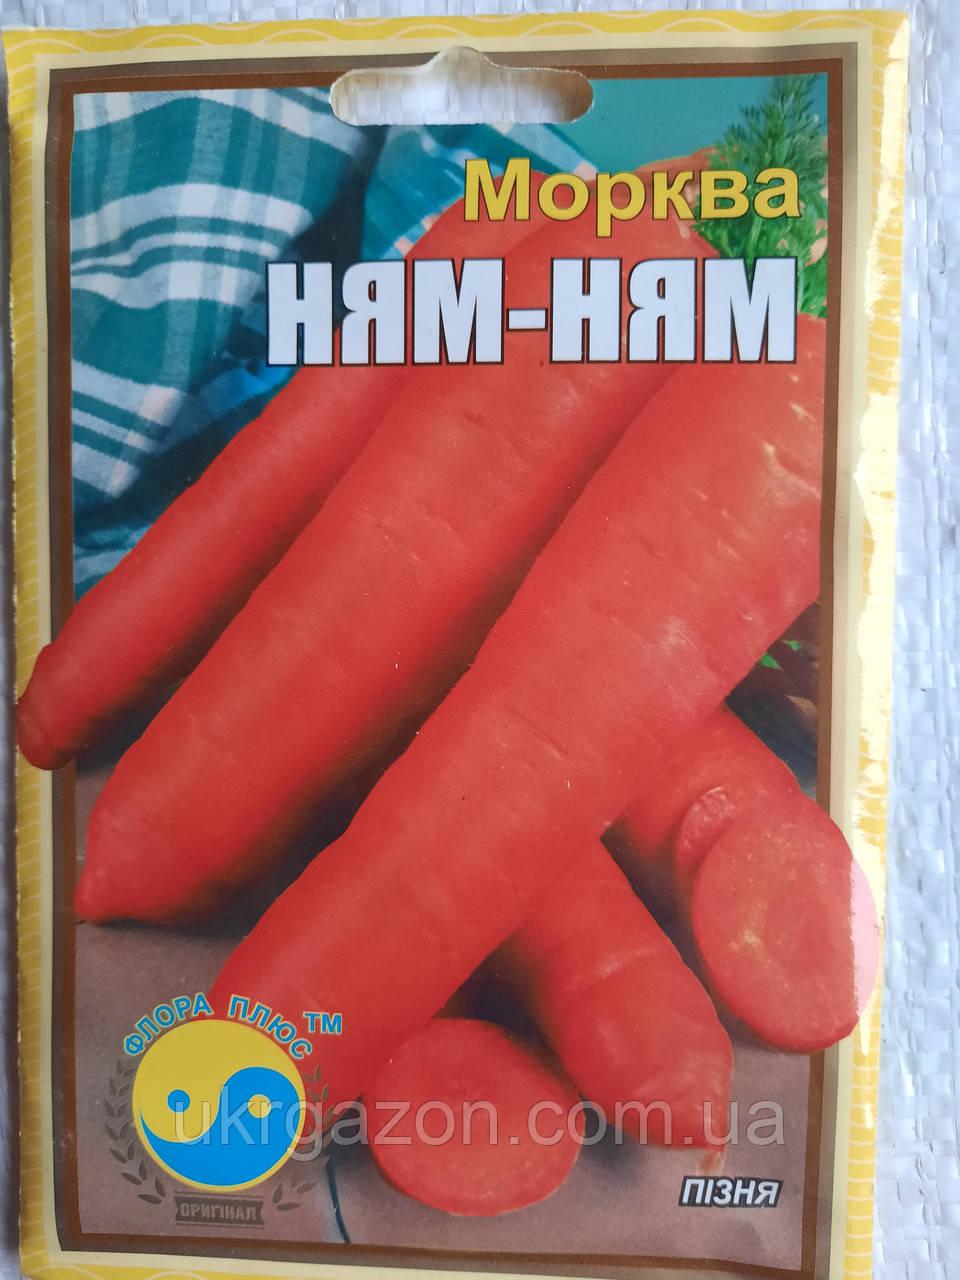 Морква ням-ням 15 грам